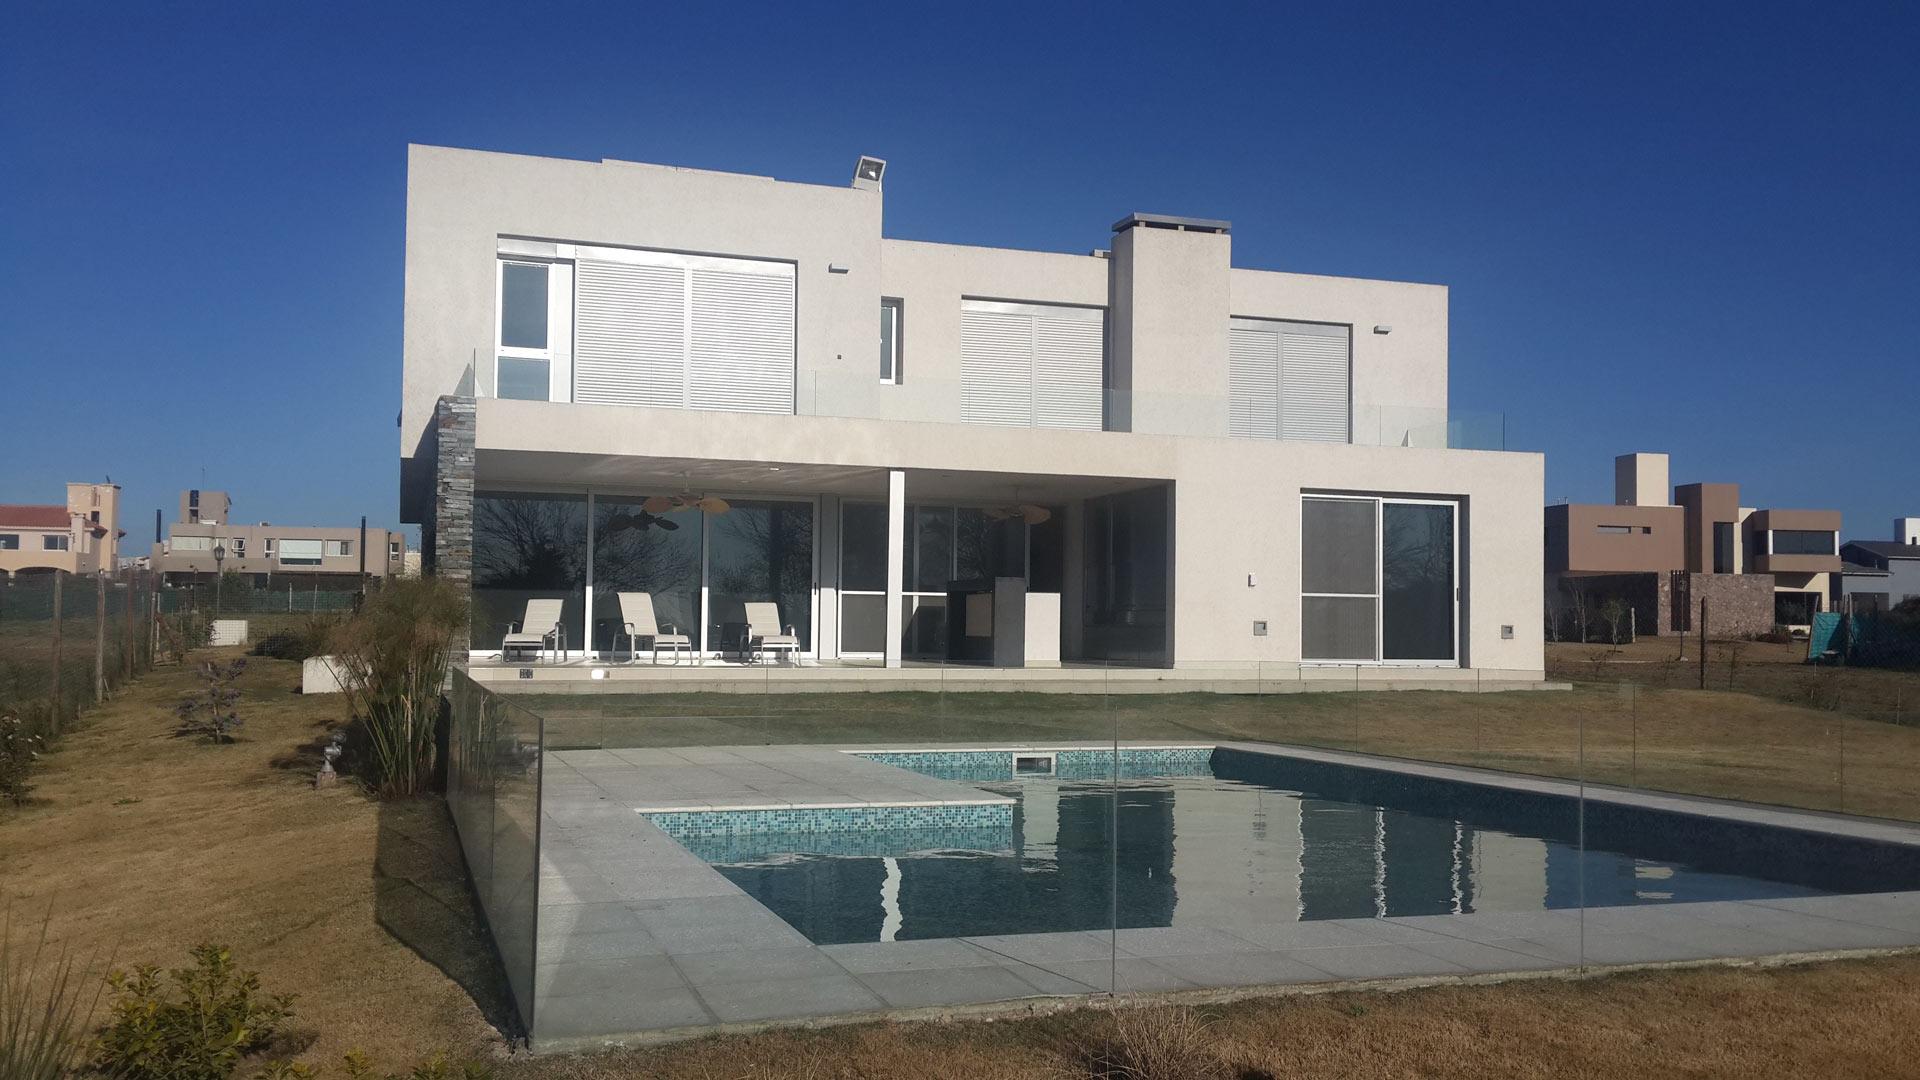 Palmero vucovich arquitectura y desarrollos casa estilo - Estudios de arquitectura en cordoba ...